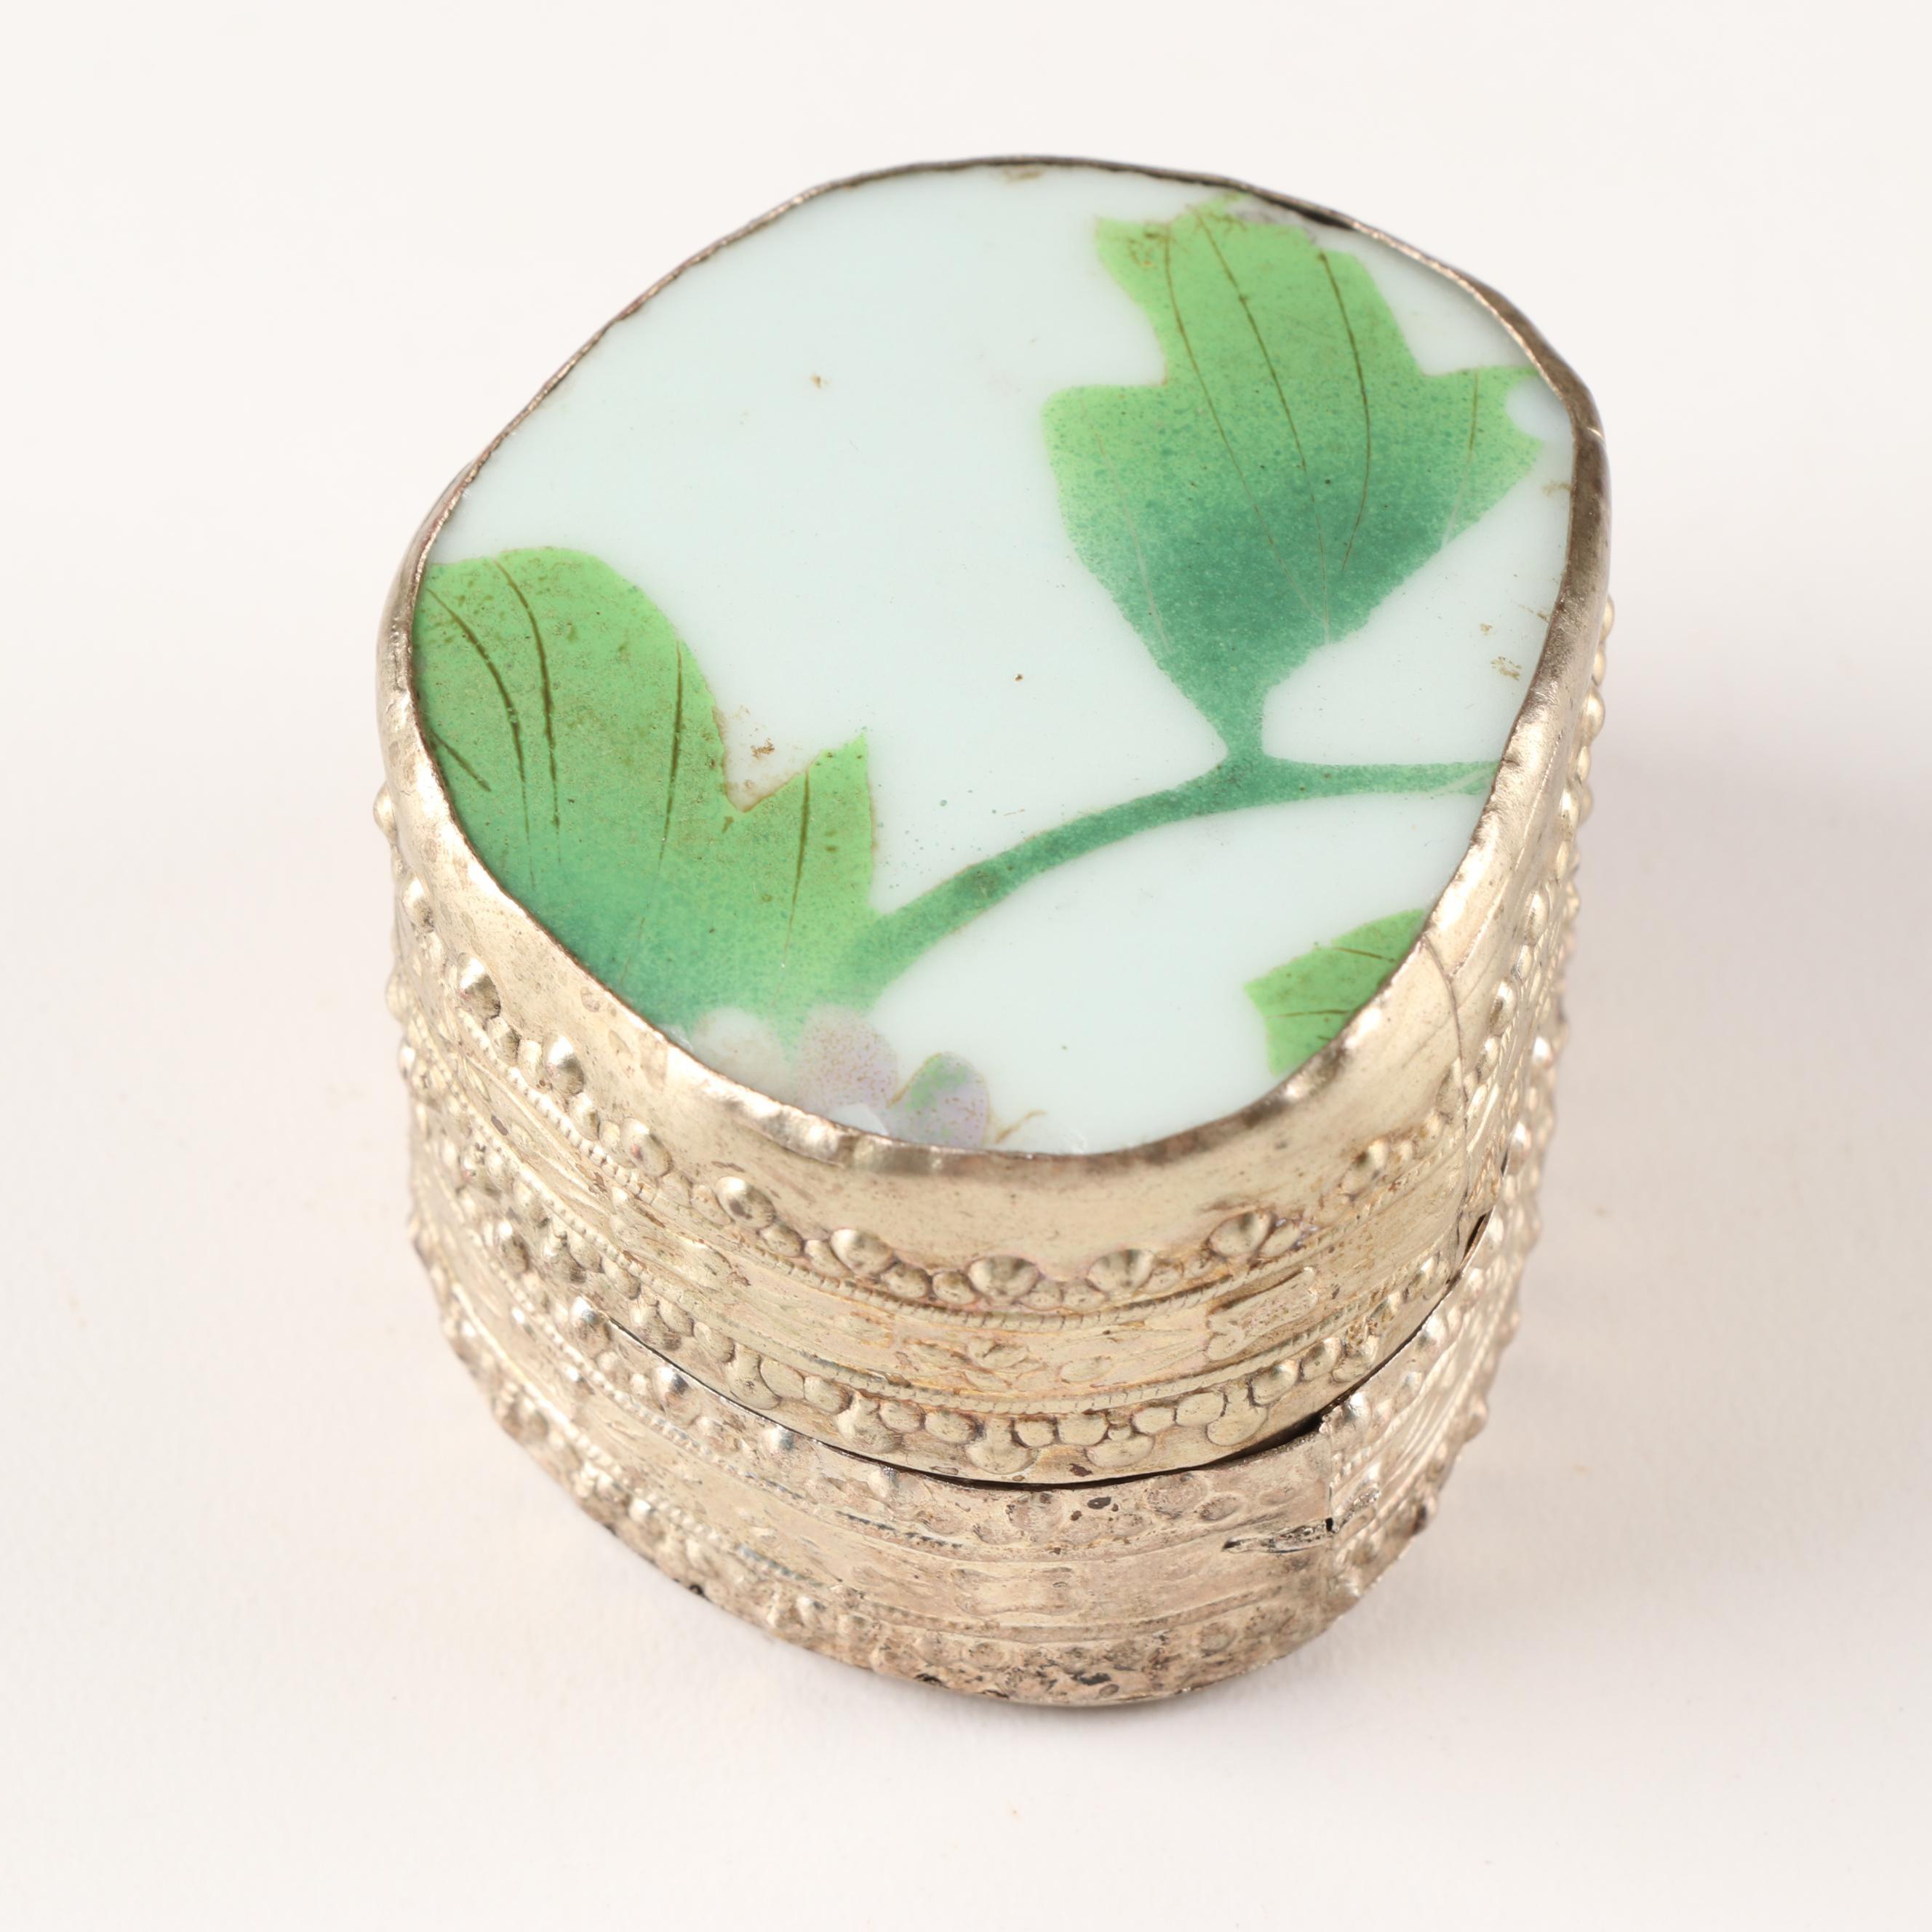 Chinese Pottery Shard Trinket Box